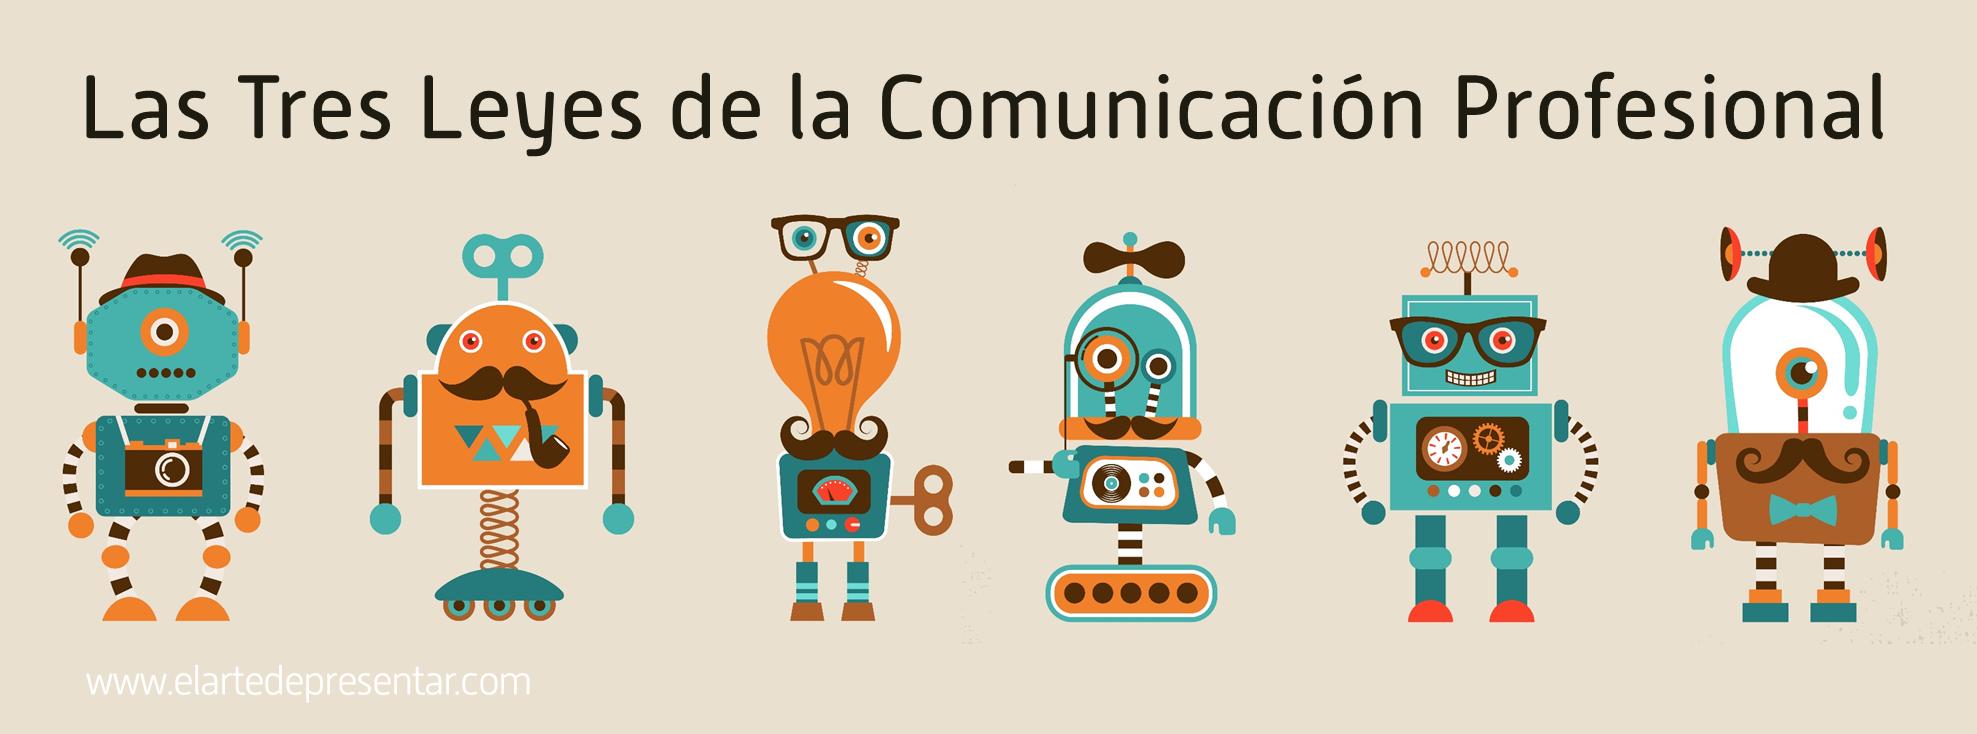 Termodinámica, Newton, Asimov y las tres leyes de la comunicación profesional eficaz – Comunicación para el liderazgo